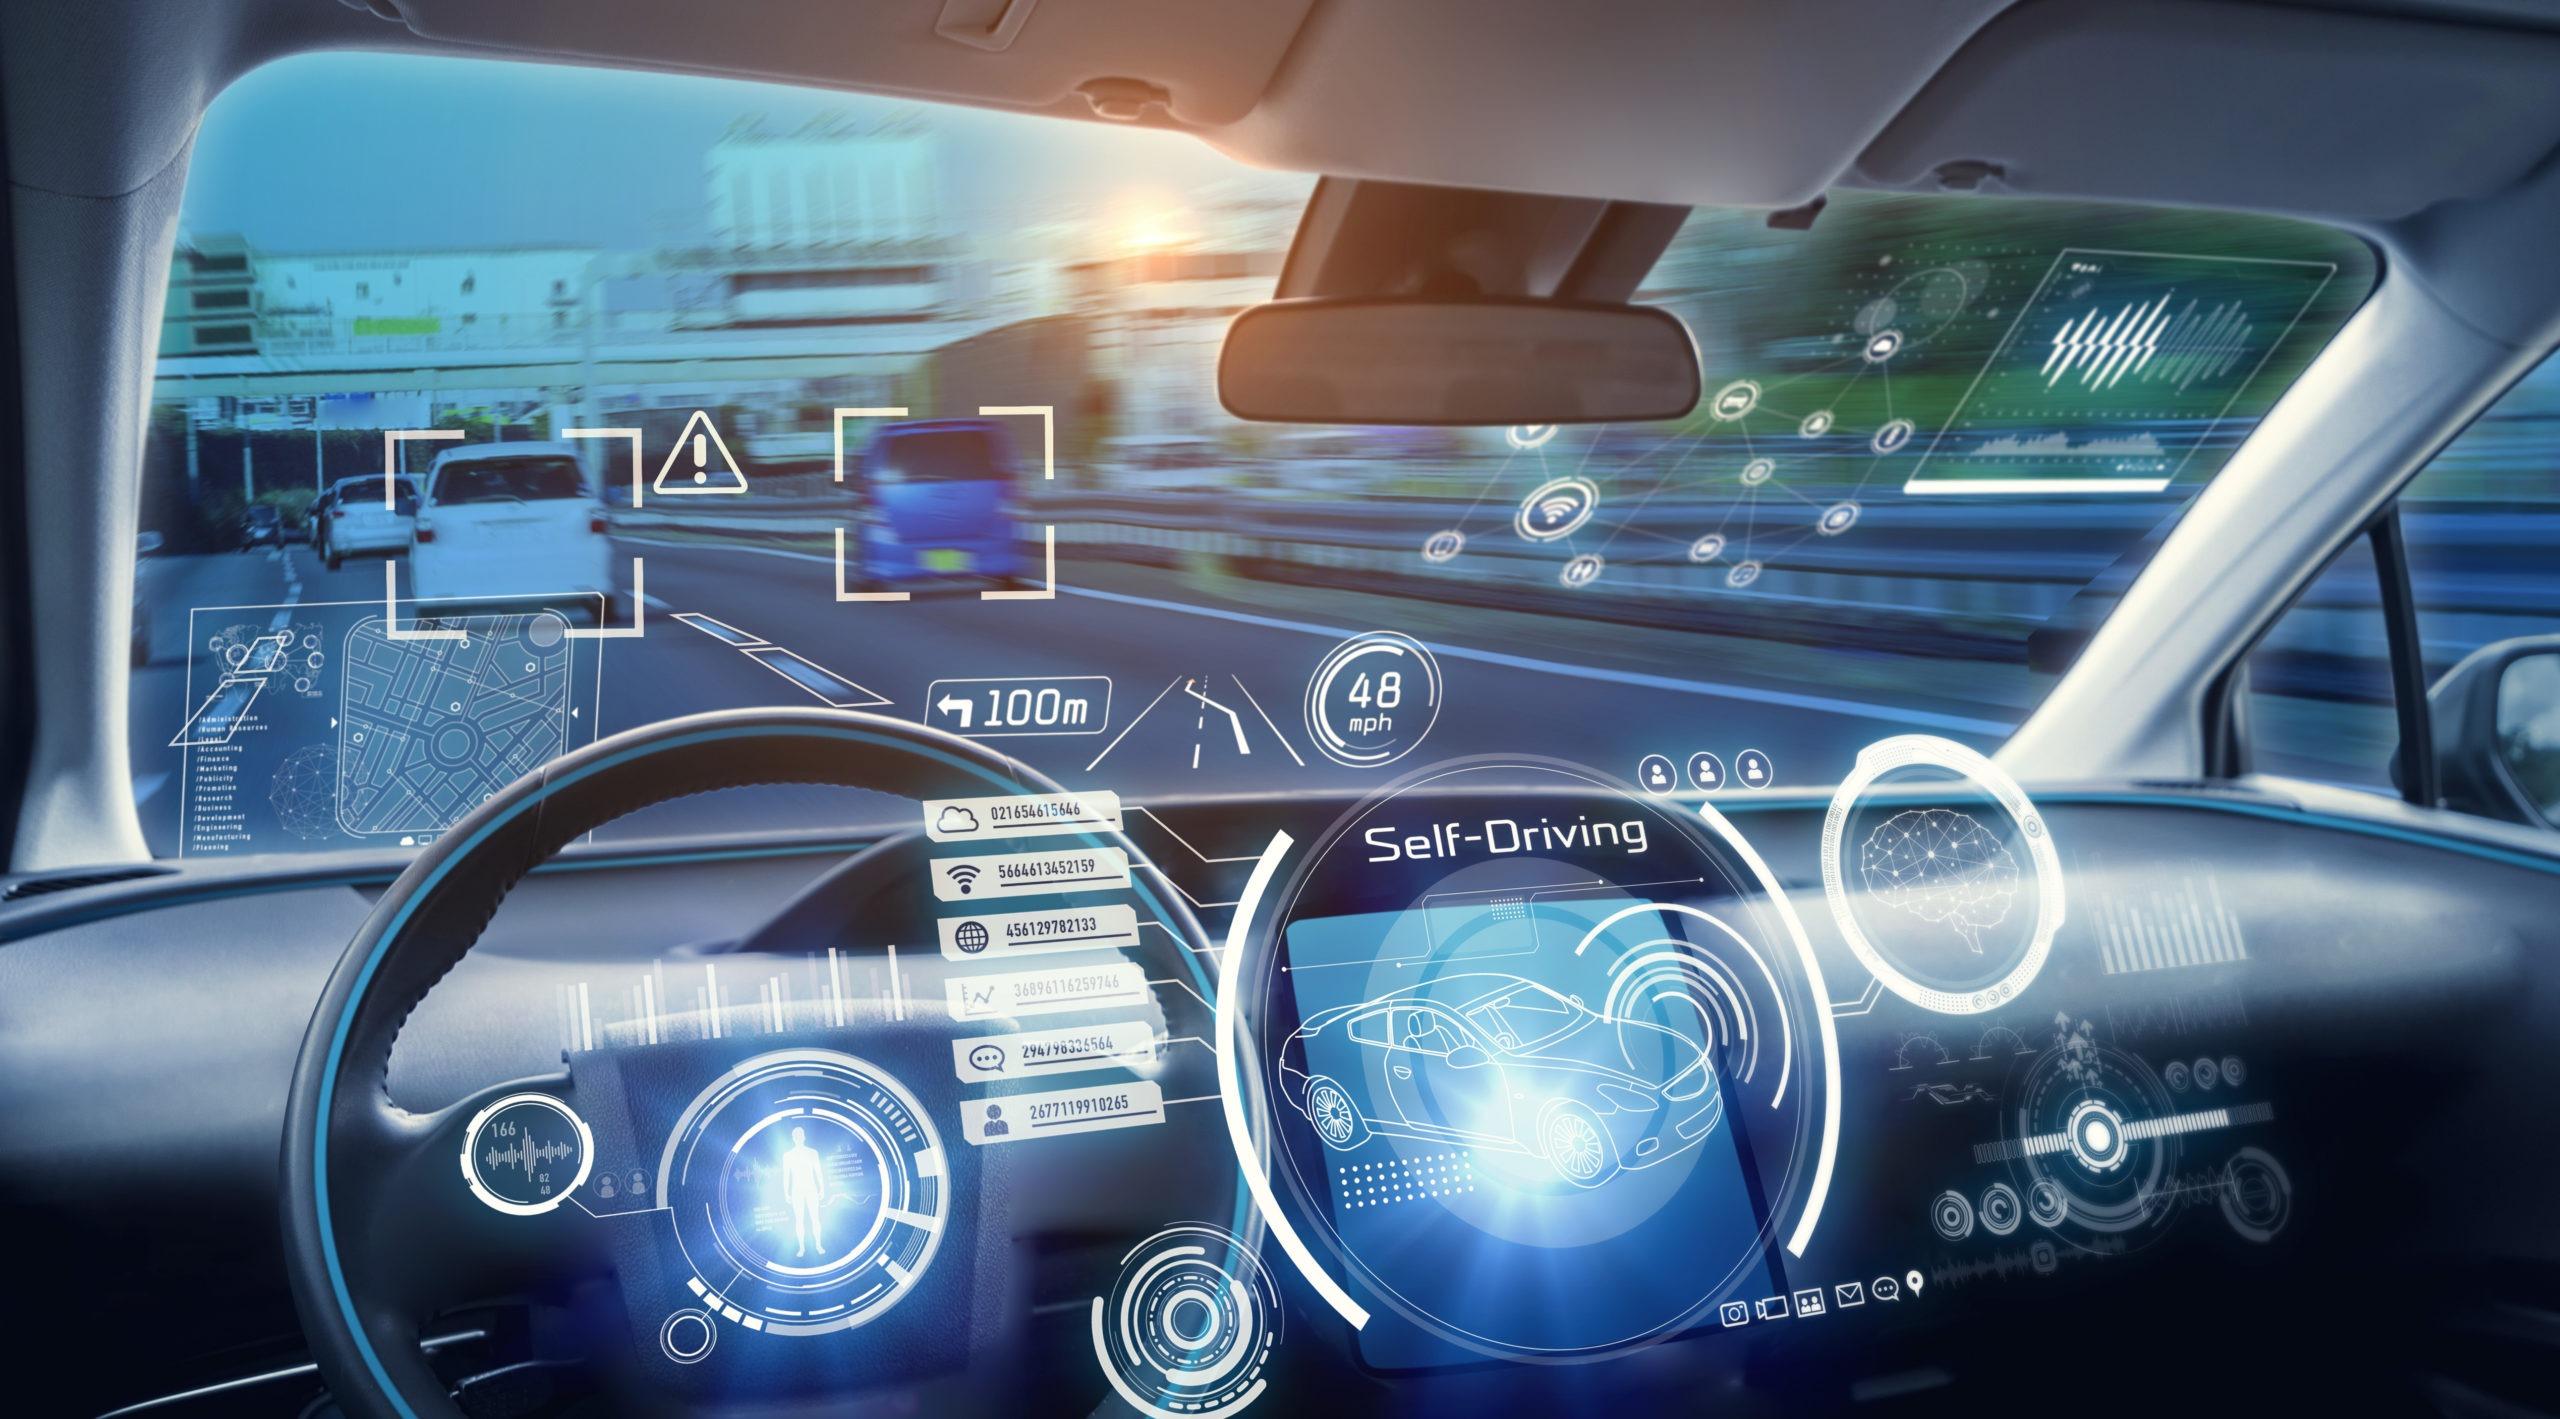 Performance automobile: la voiture autonome attire les attentions